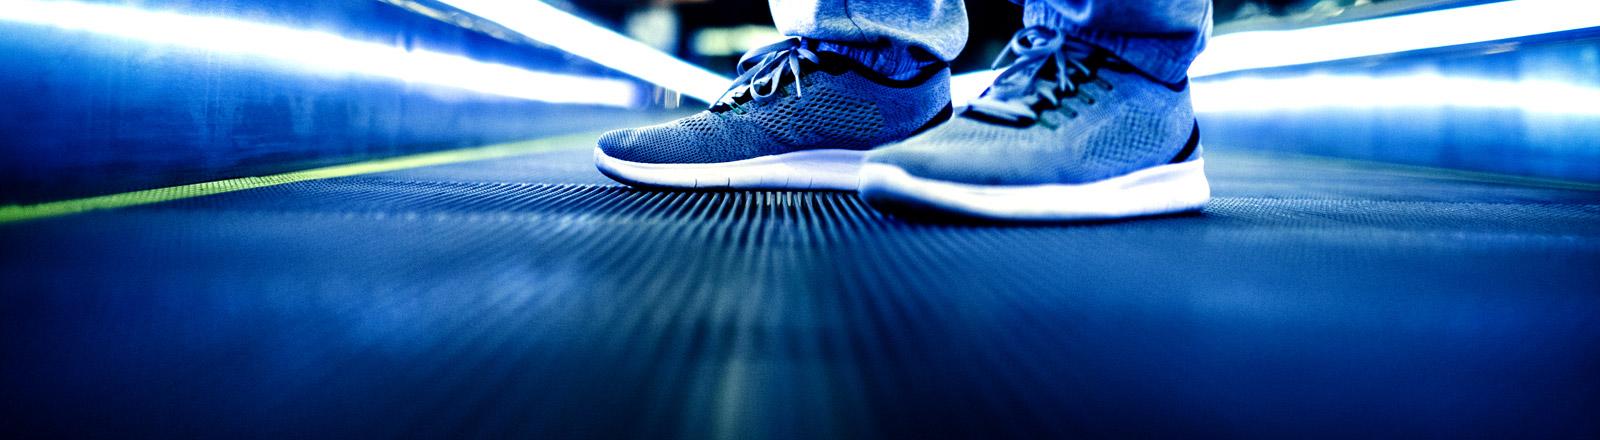 Ein Mann mit Sneakern auf einem Rollband